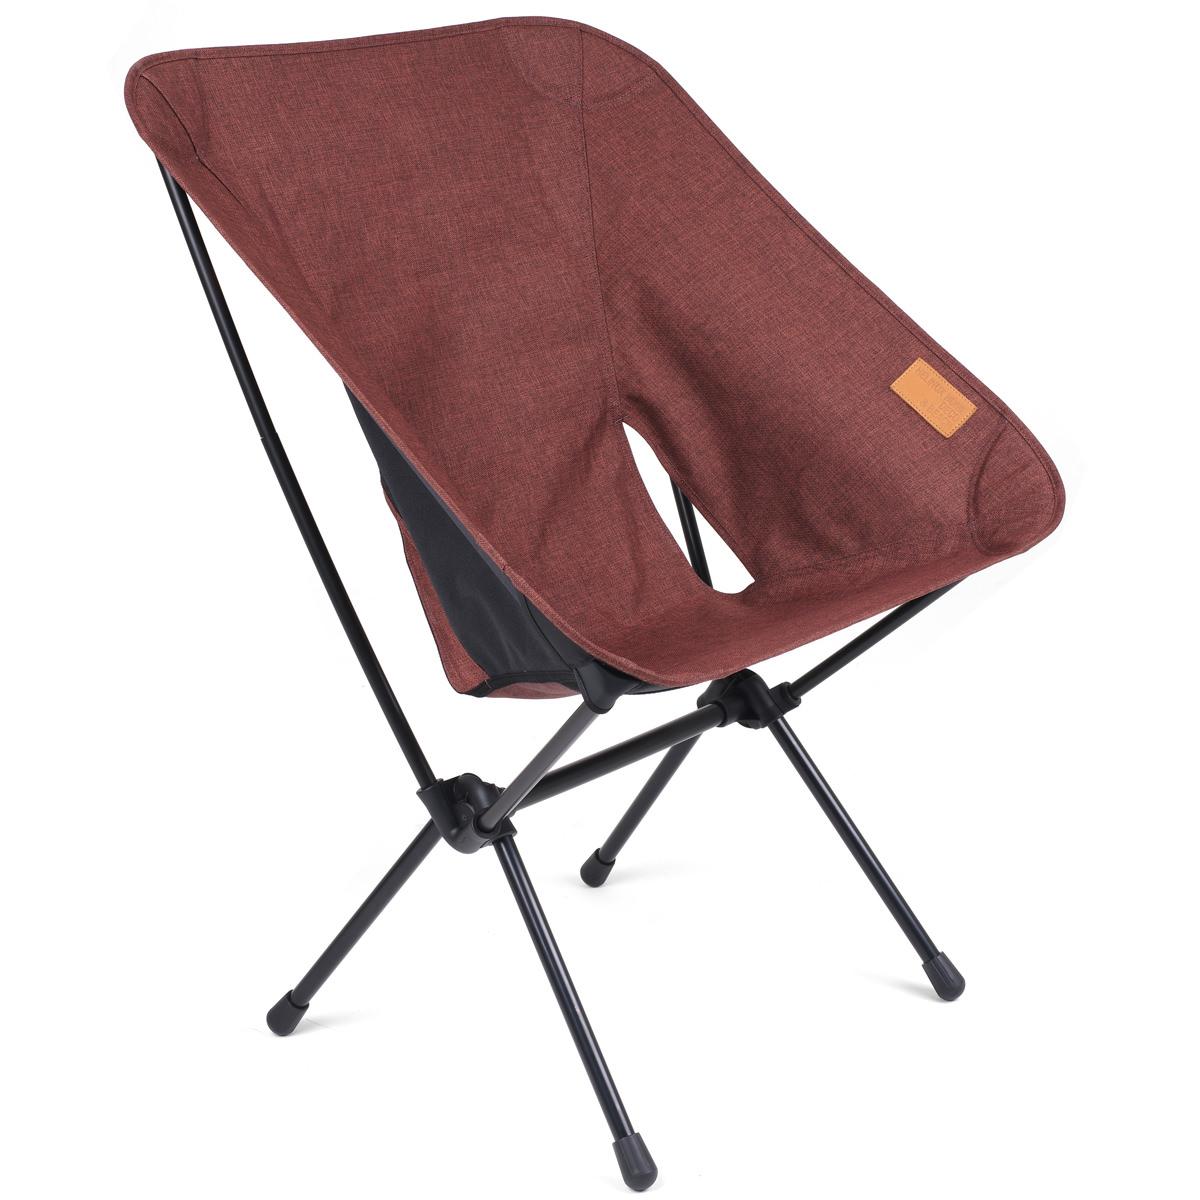 【80】ヘリノックス Helinox ホームチェア チェアホーム XL Chair Home XL コーヒー HN19750017007009 △△5 お取り寄せ